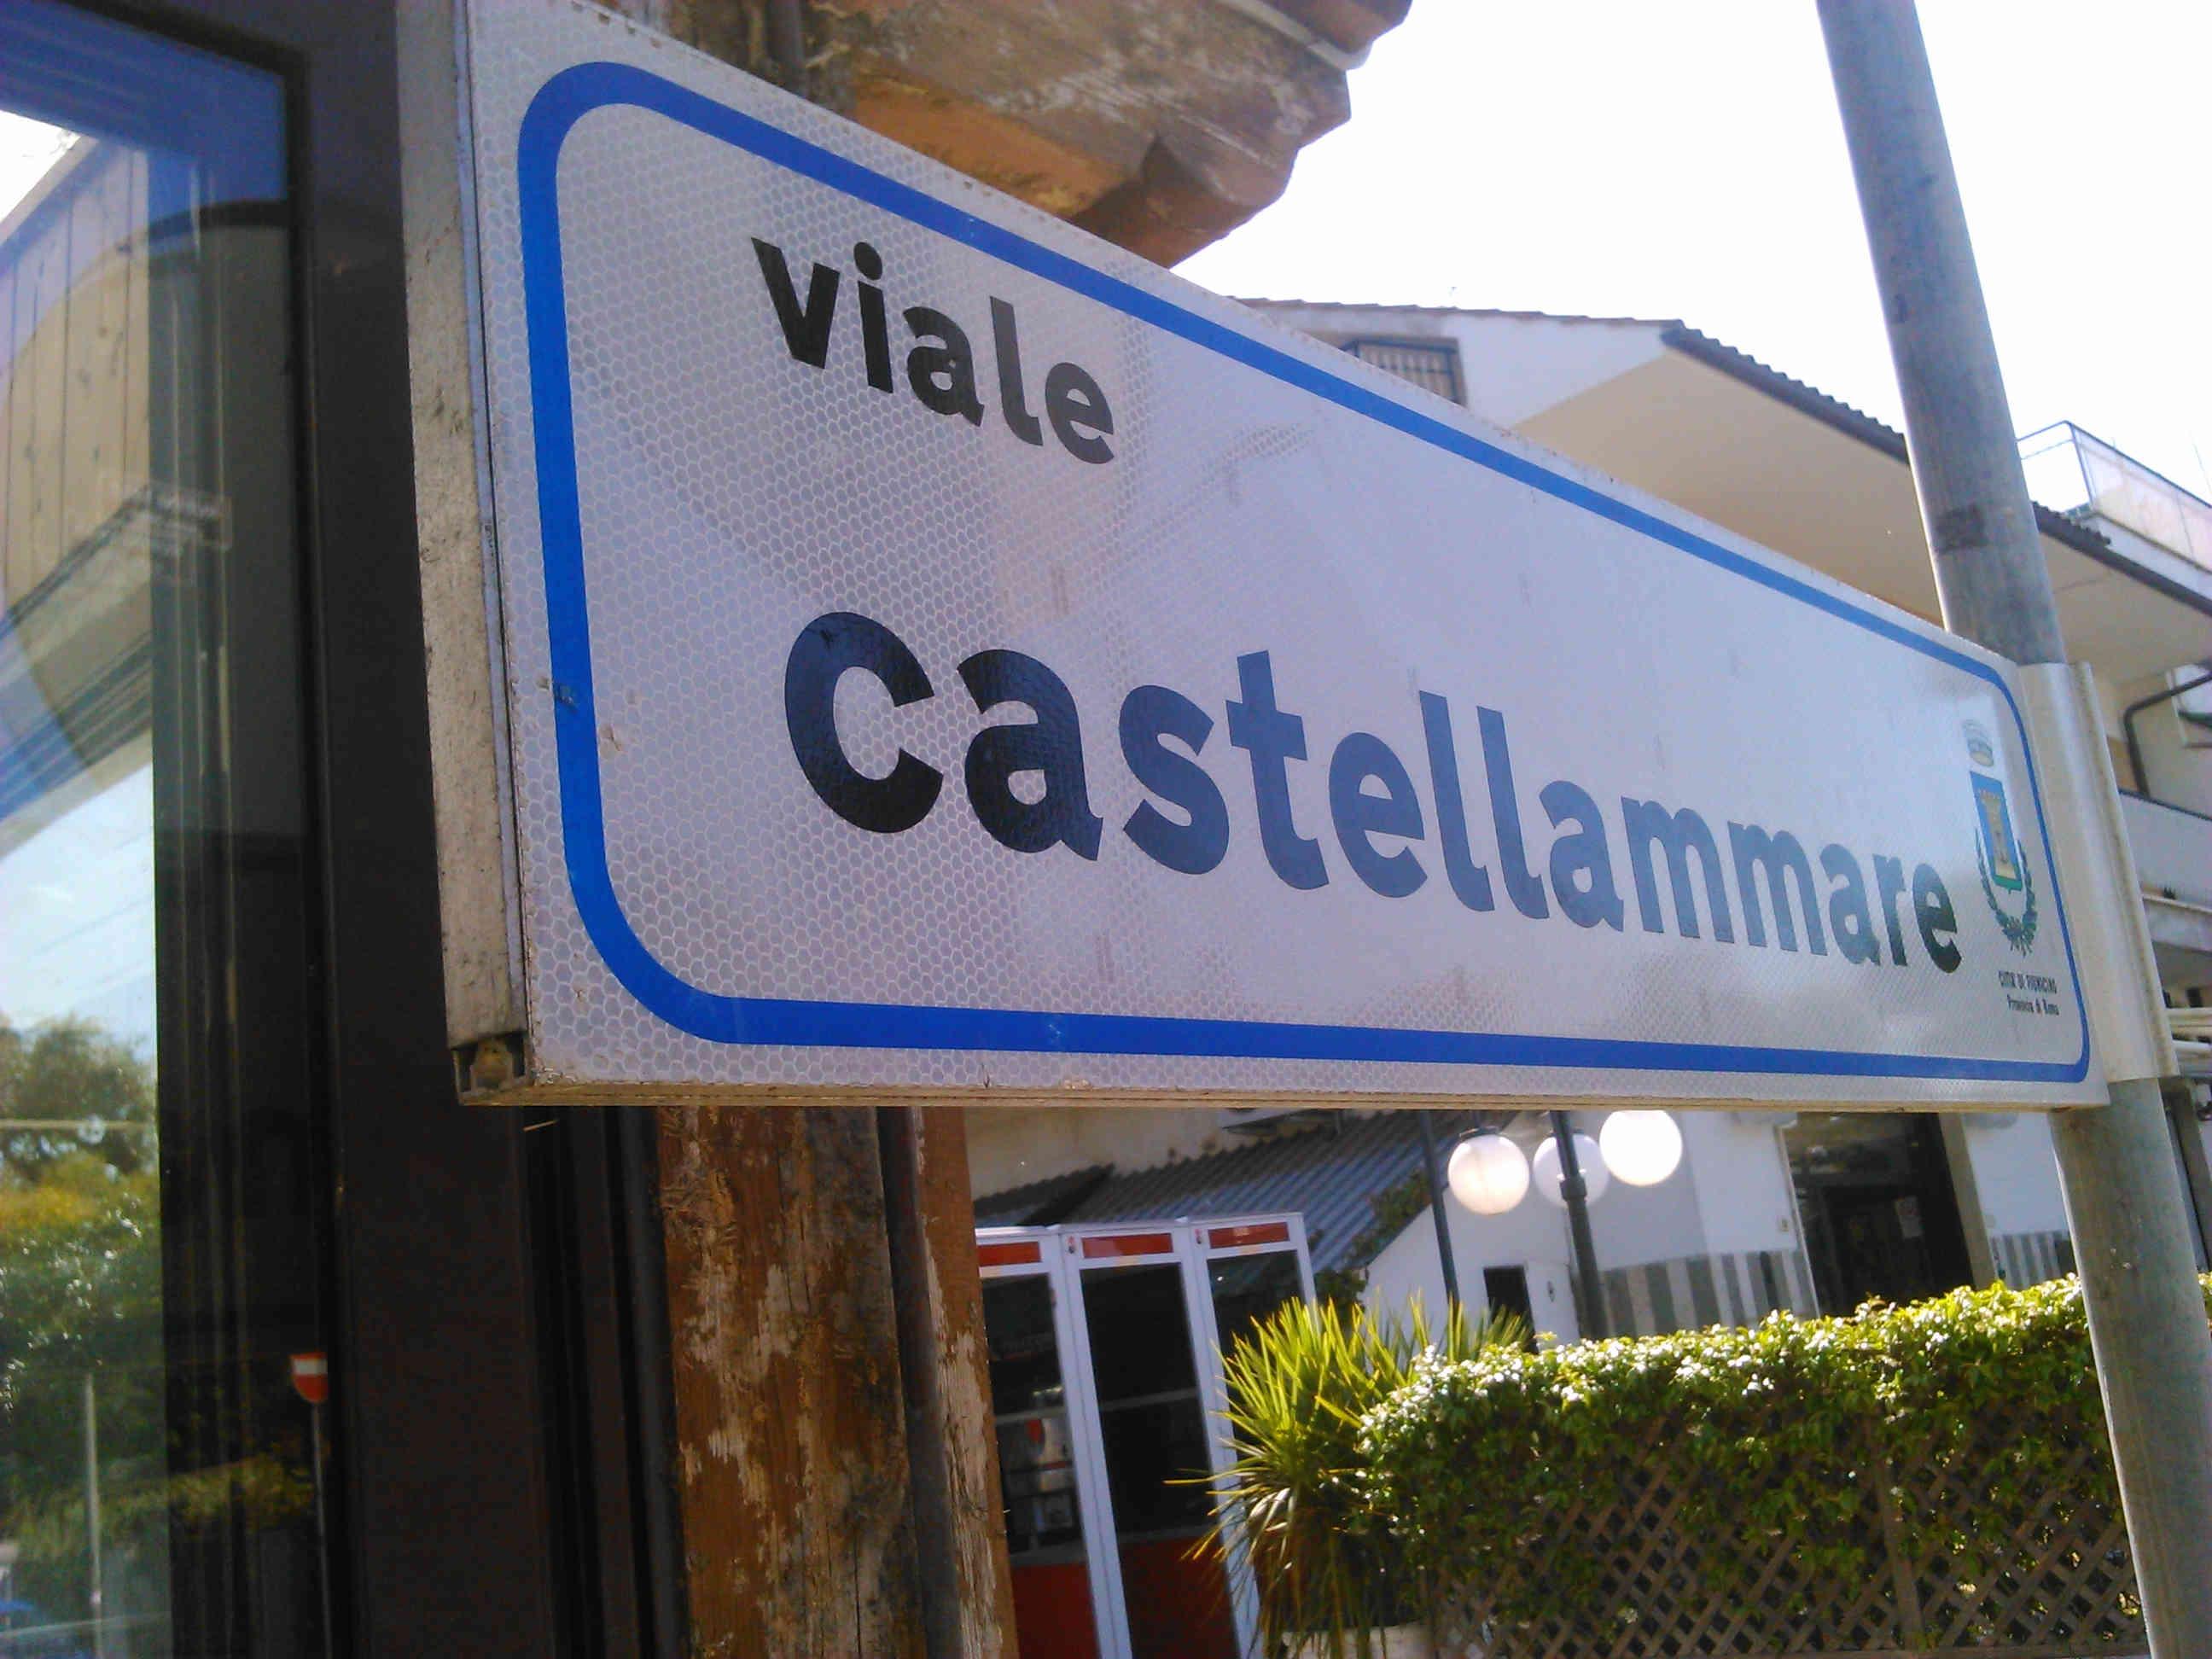 Via Castellamre